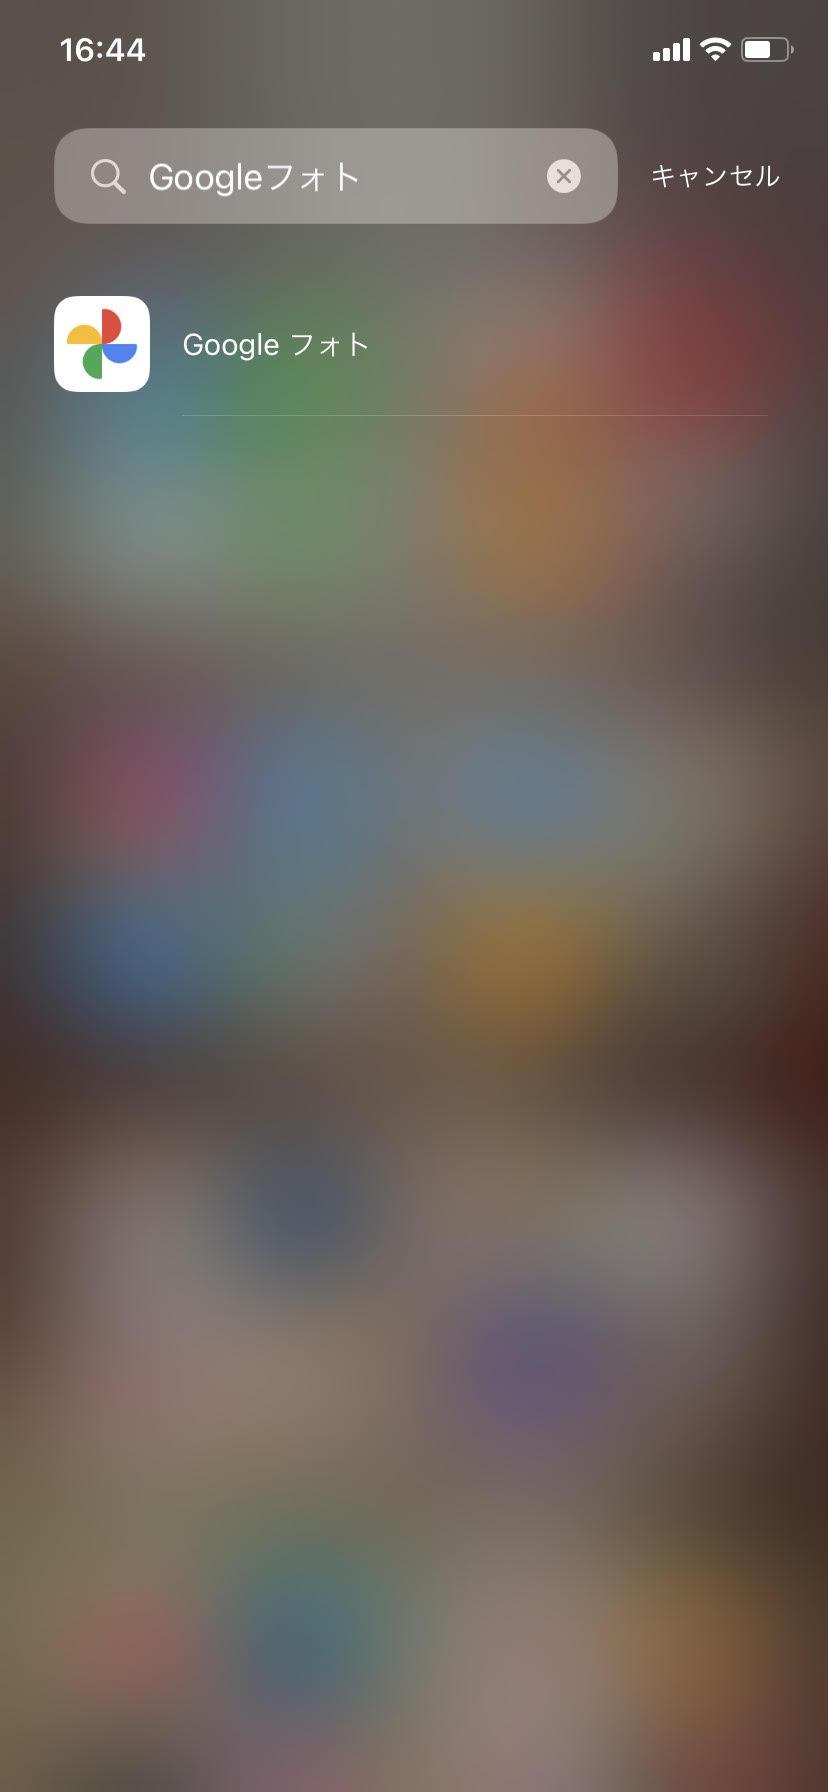 から 削除 戻す を アプリ ホーム した 画面